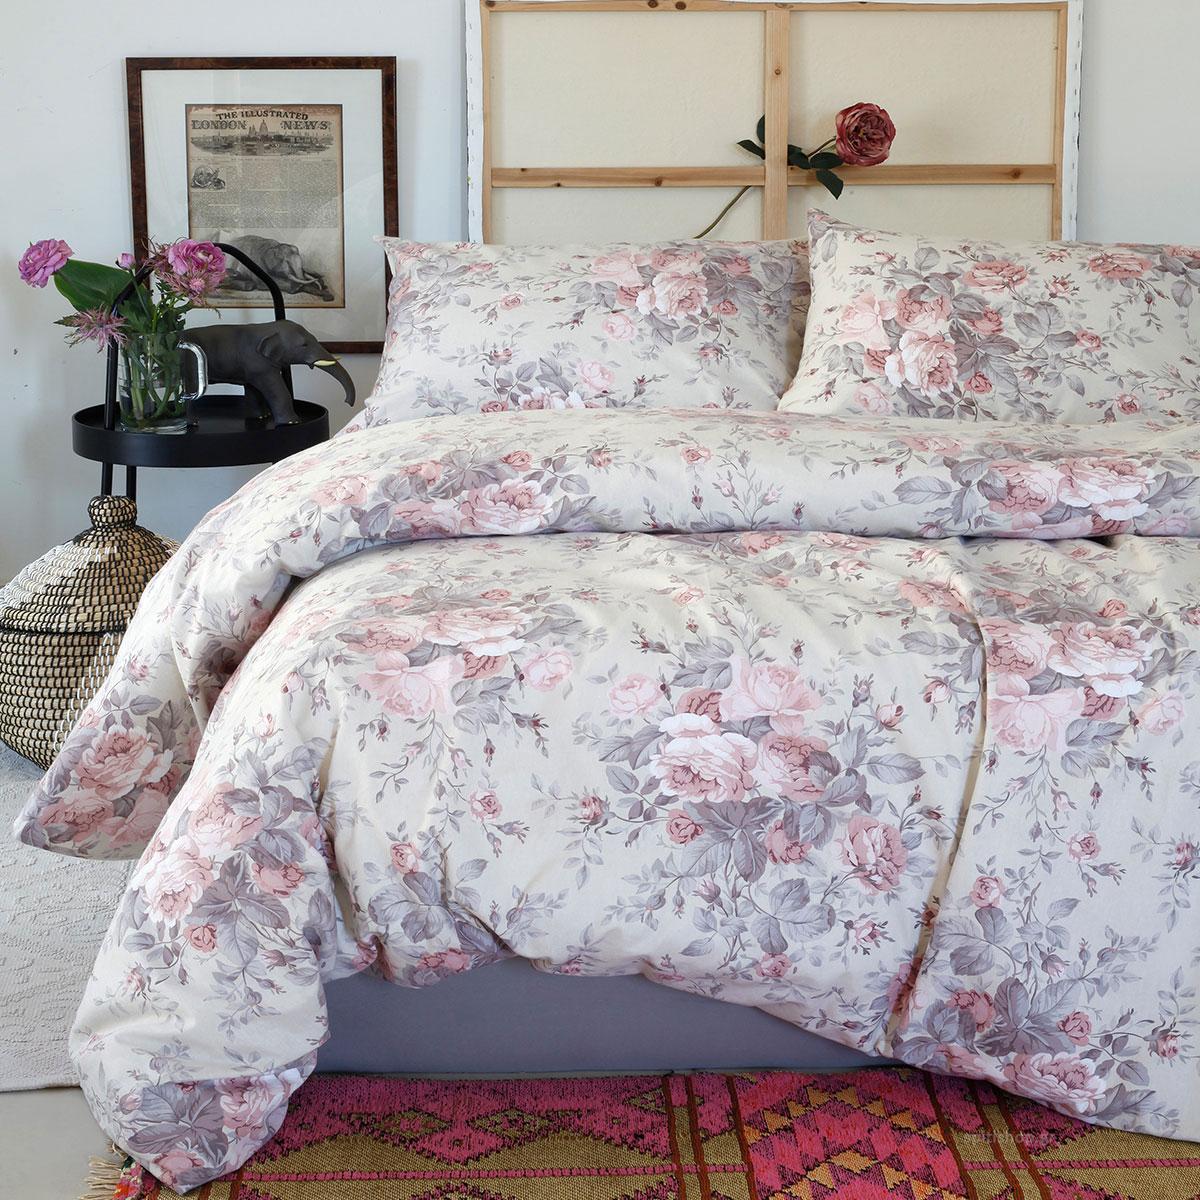 Φανελένια Σεντόνια King Size (Σετ) Melinen Peonia Rose ΧΩΡΙΣ ΛΑΣΤΙΧΟ 260×270 ΧΩΡΙΣ ΛΑΣΤΙΧΟ 260×270